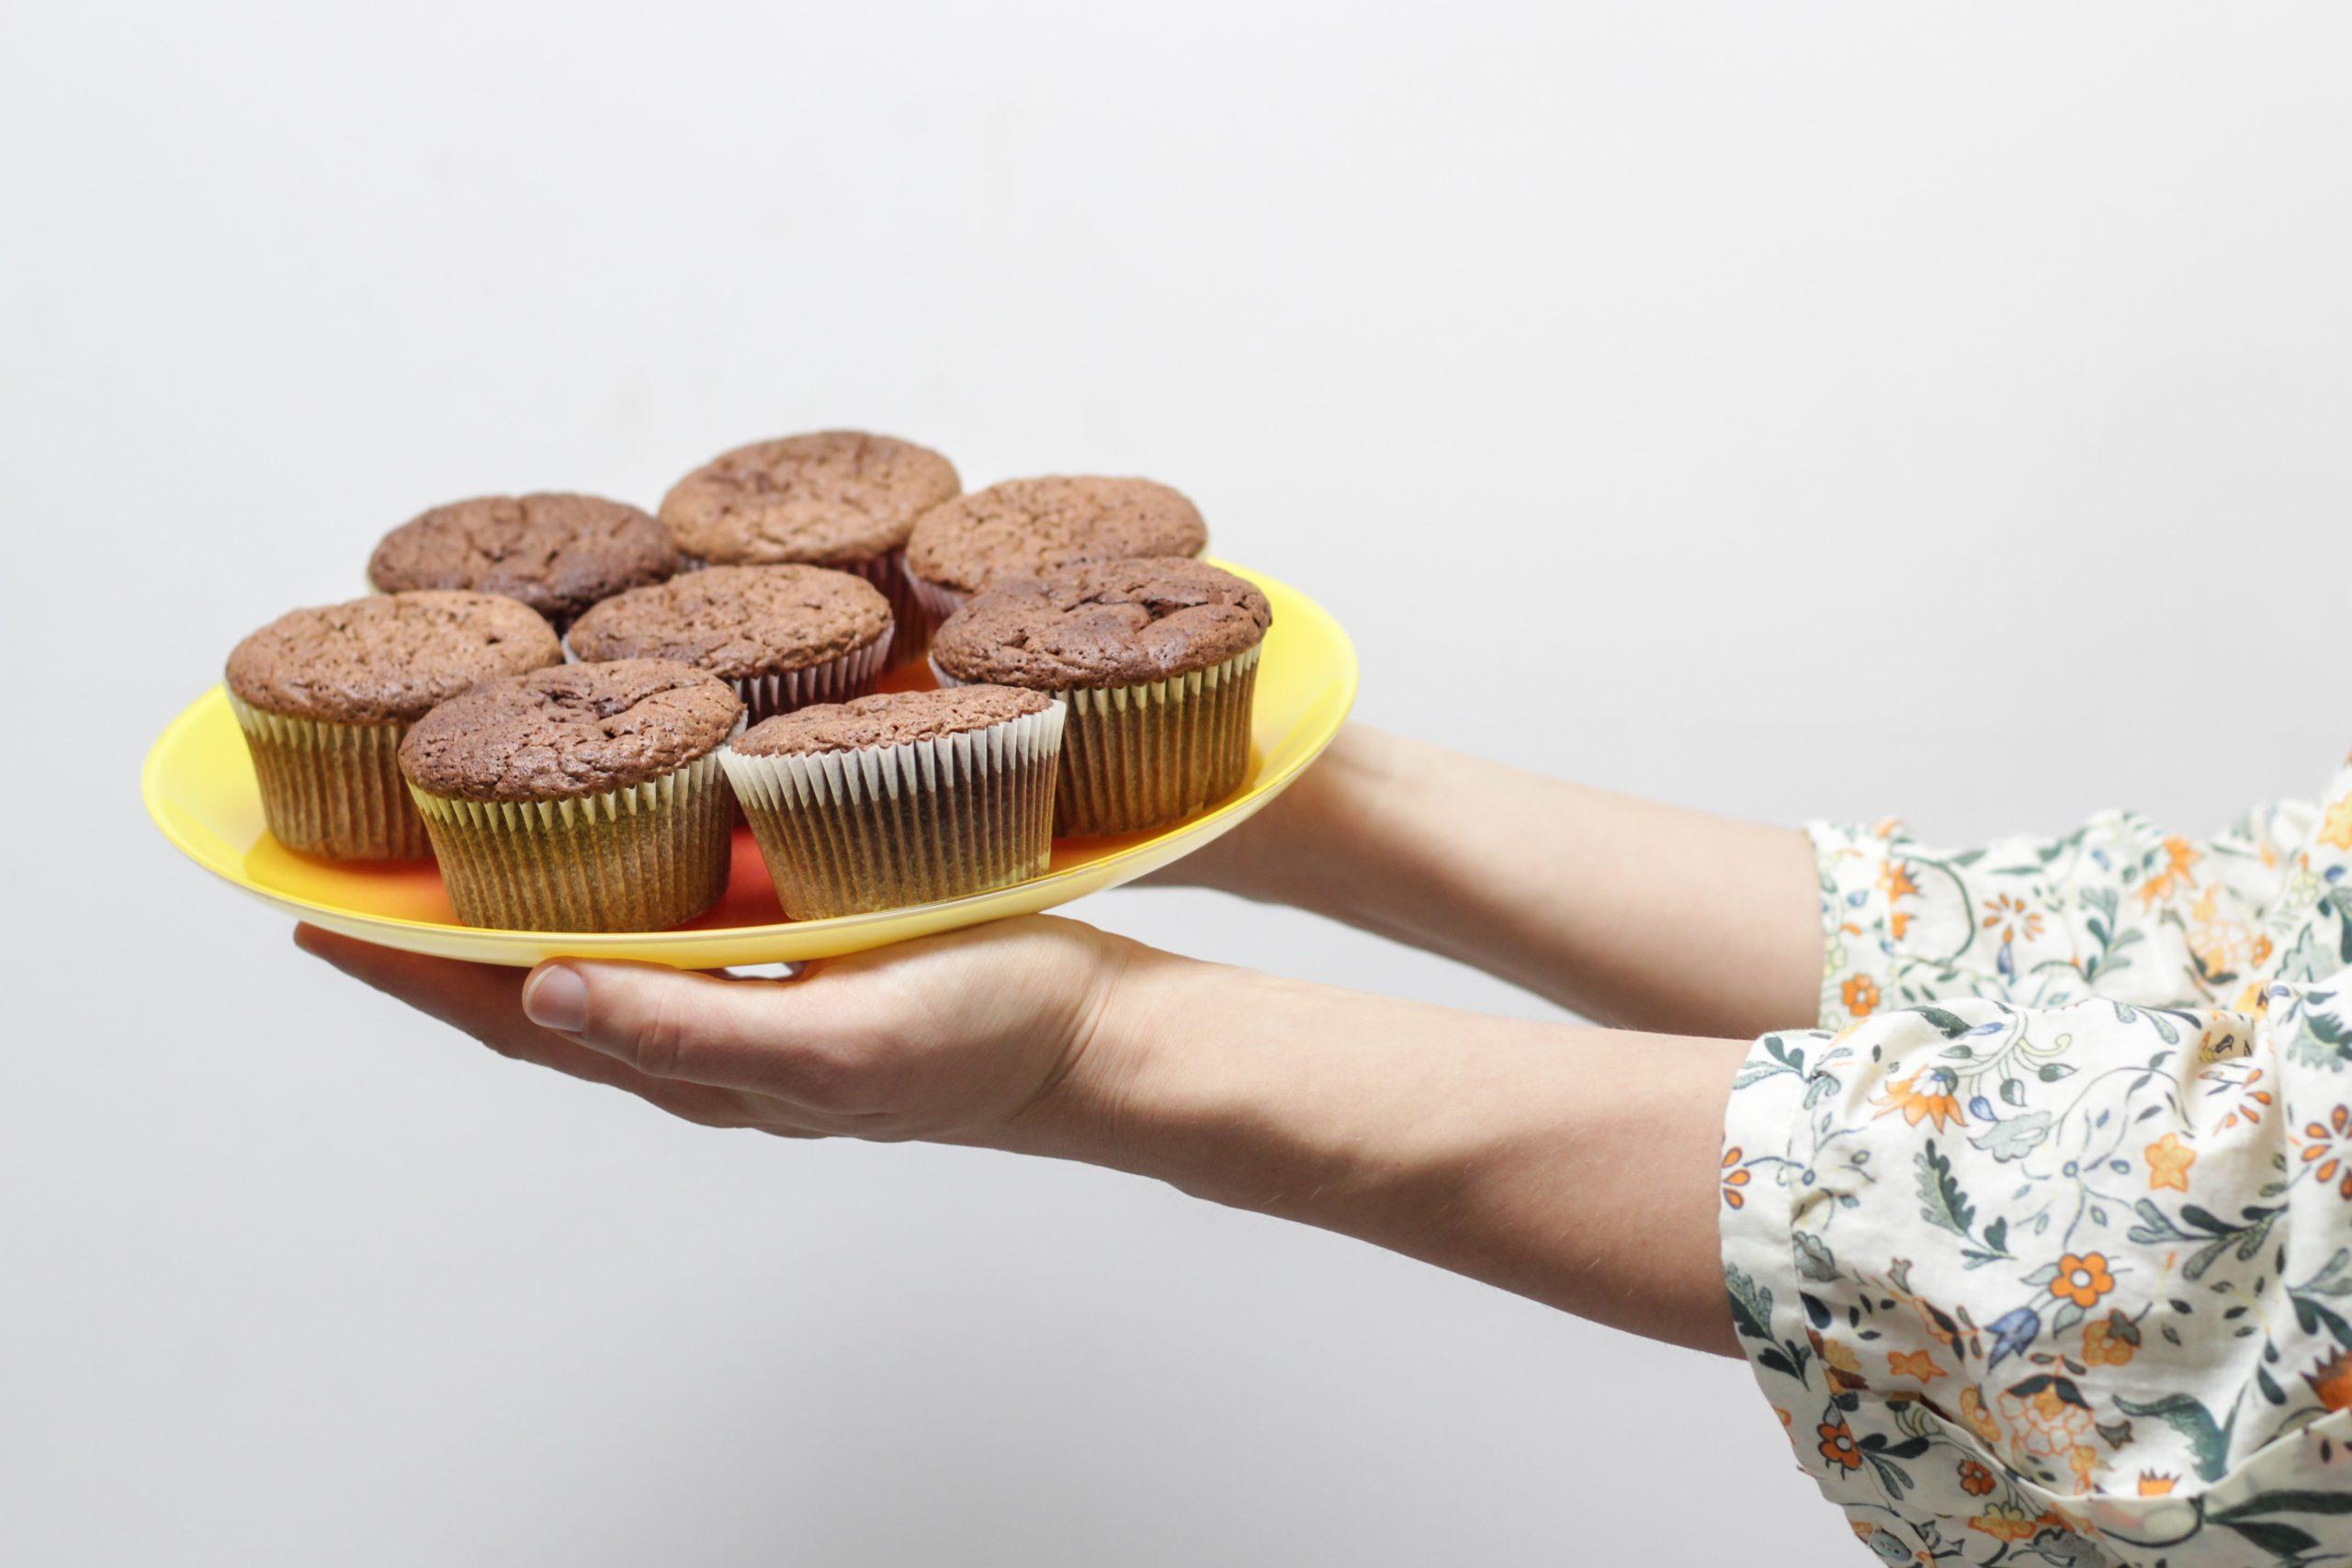 ¿Por qué antes comíamos magdalenas y ahora comemos muffins?